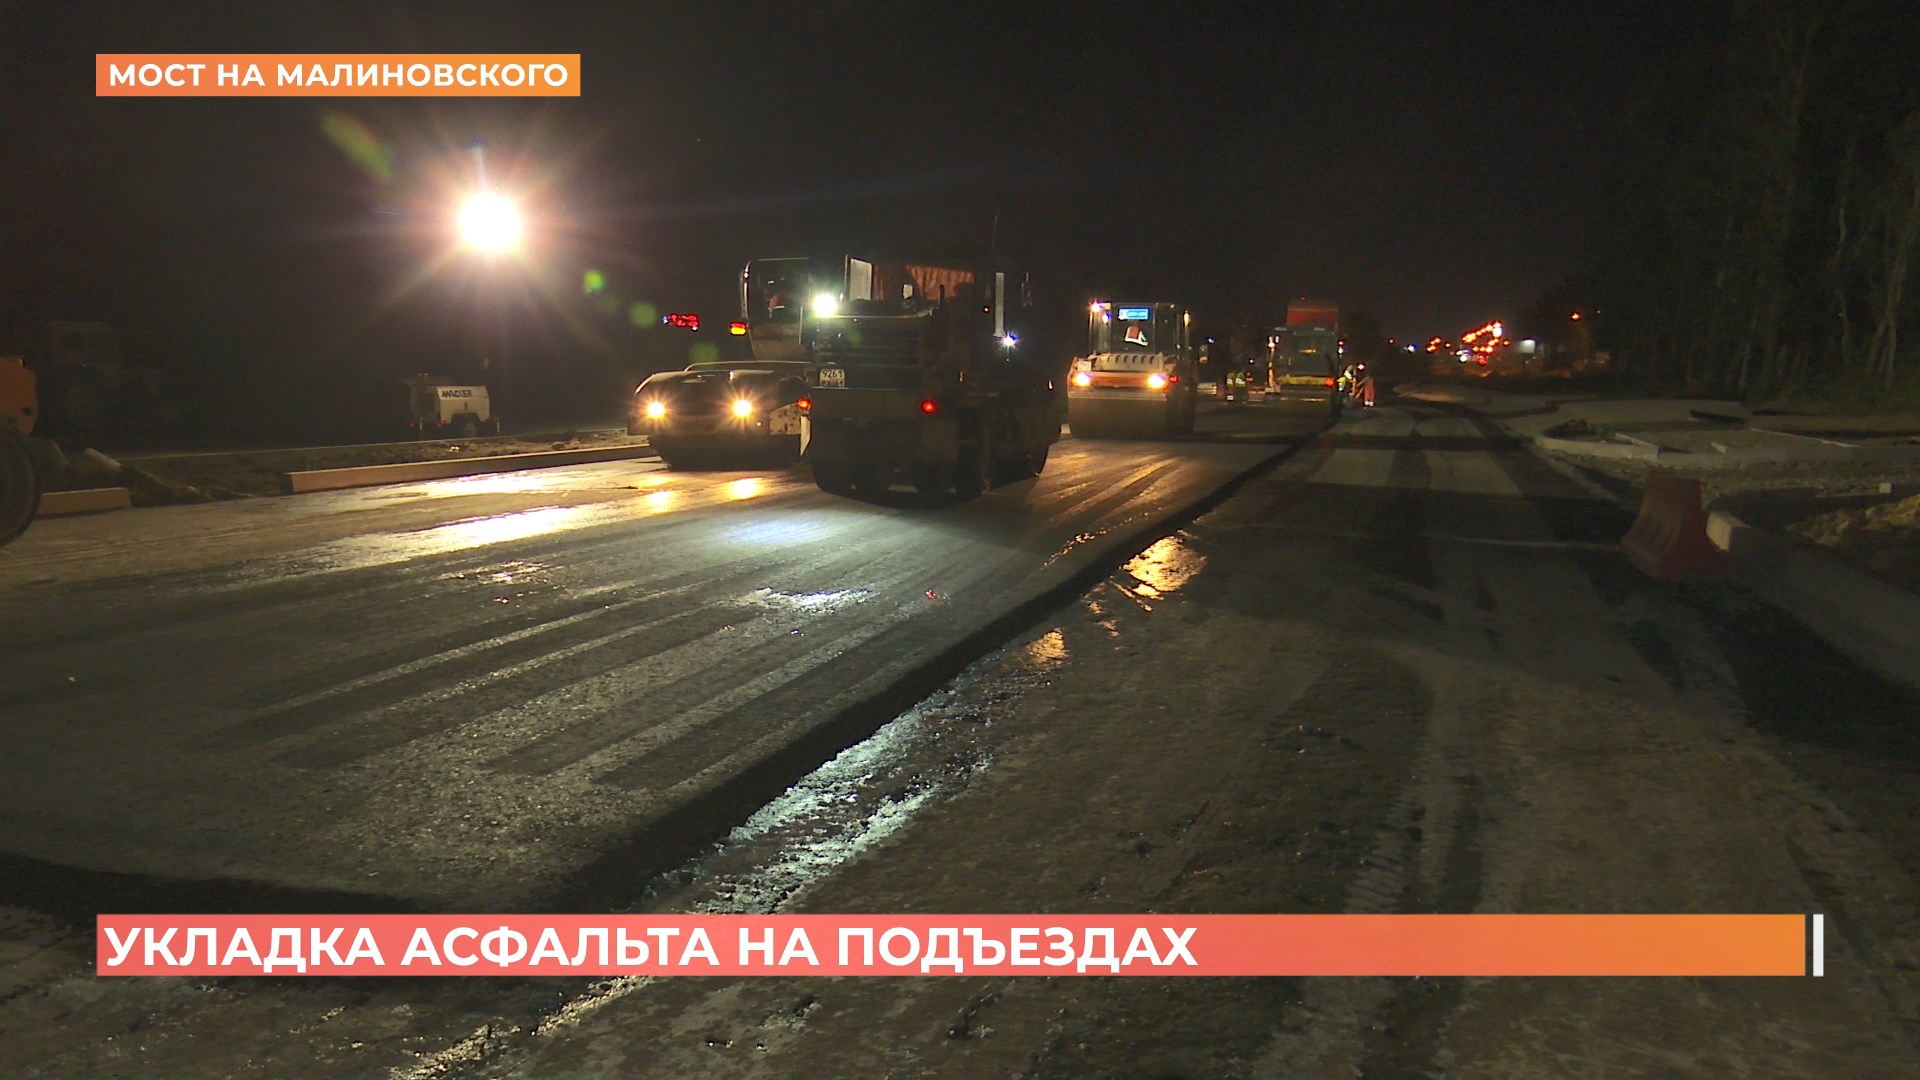 До конца июля мост Малиновского будет открыт для автовладельцев